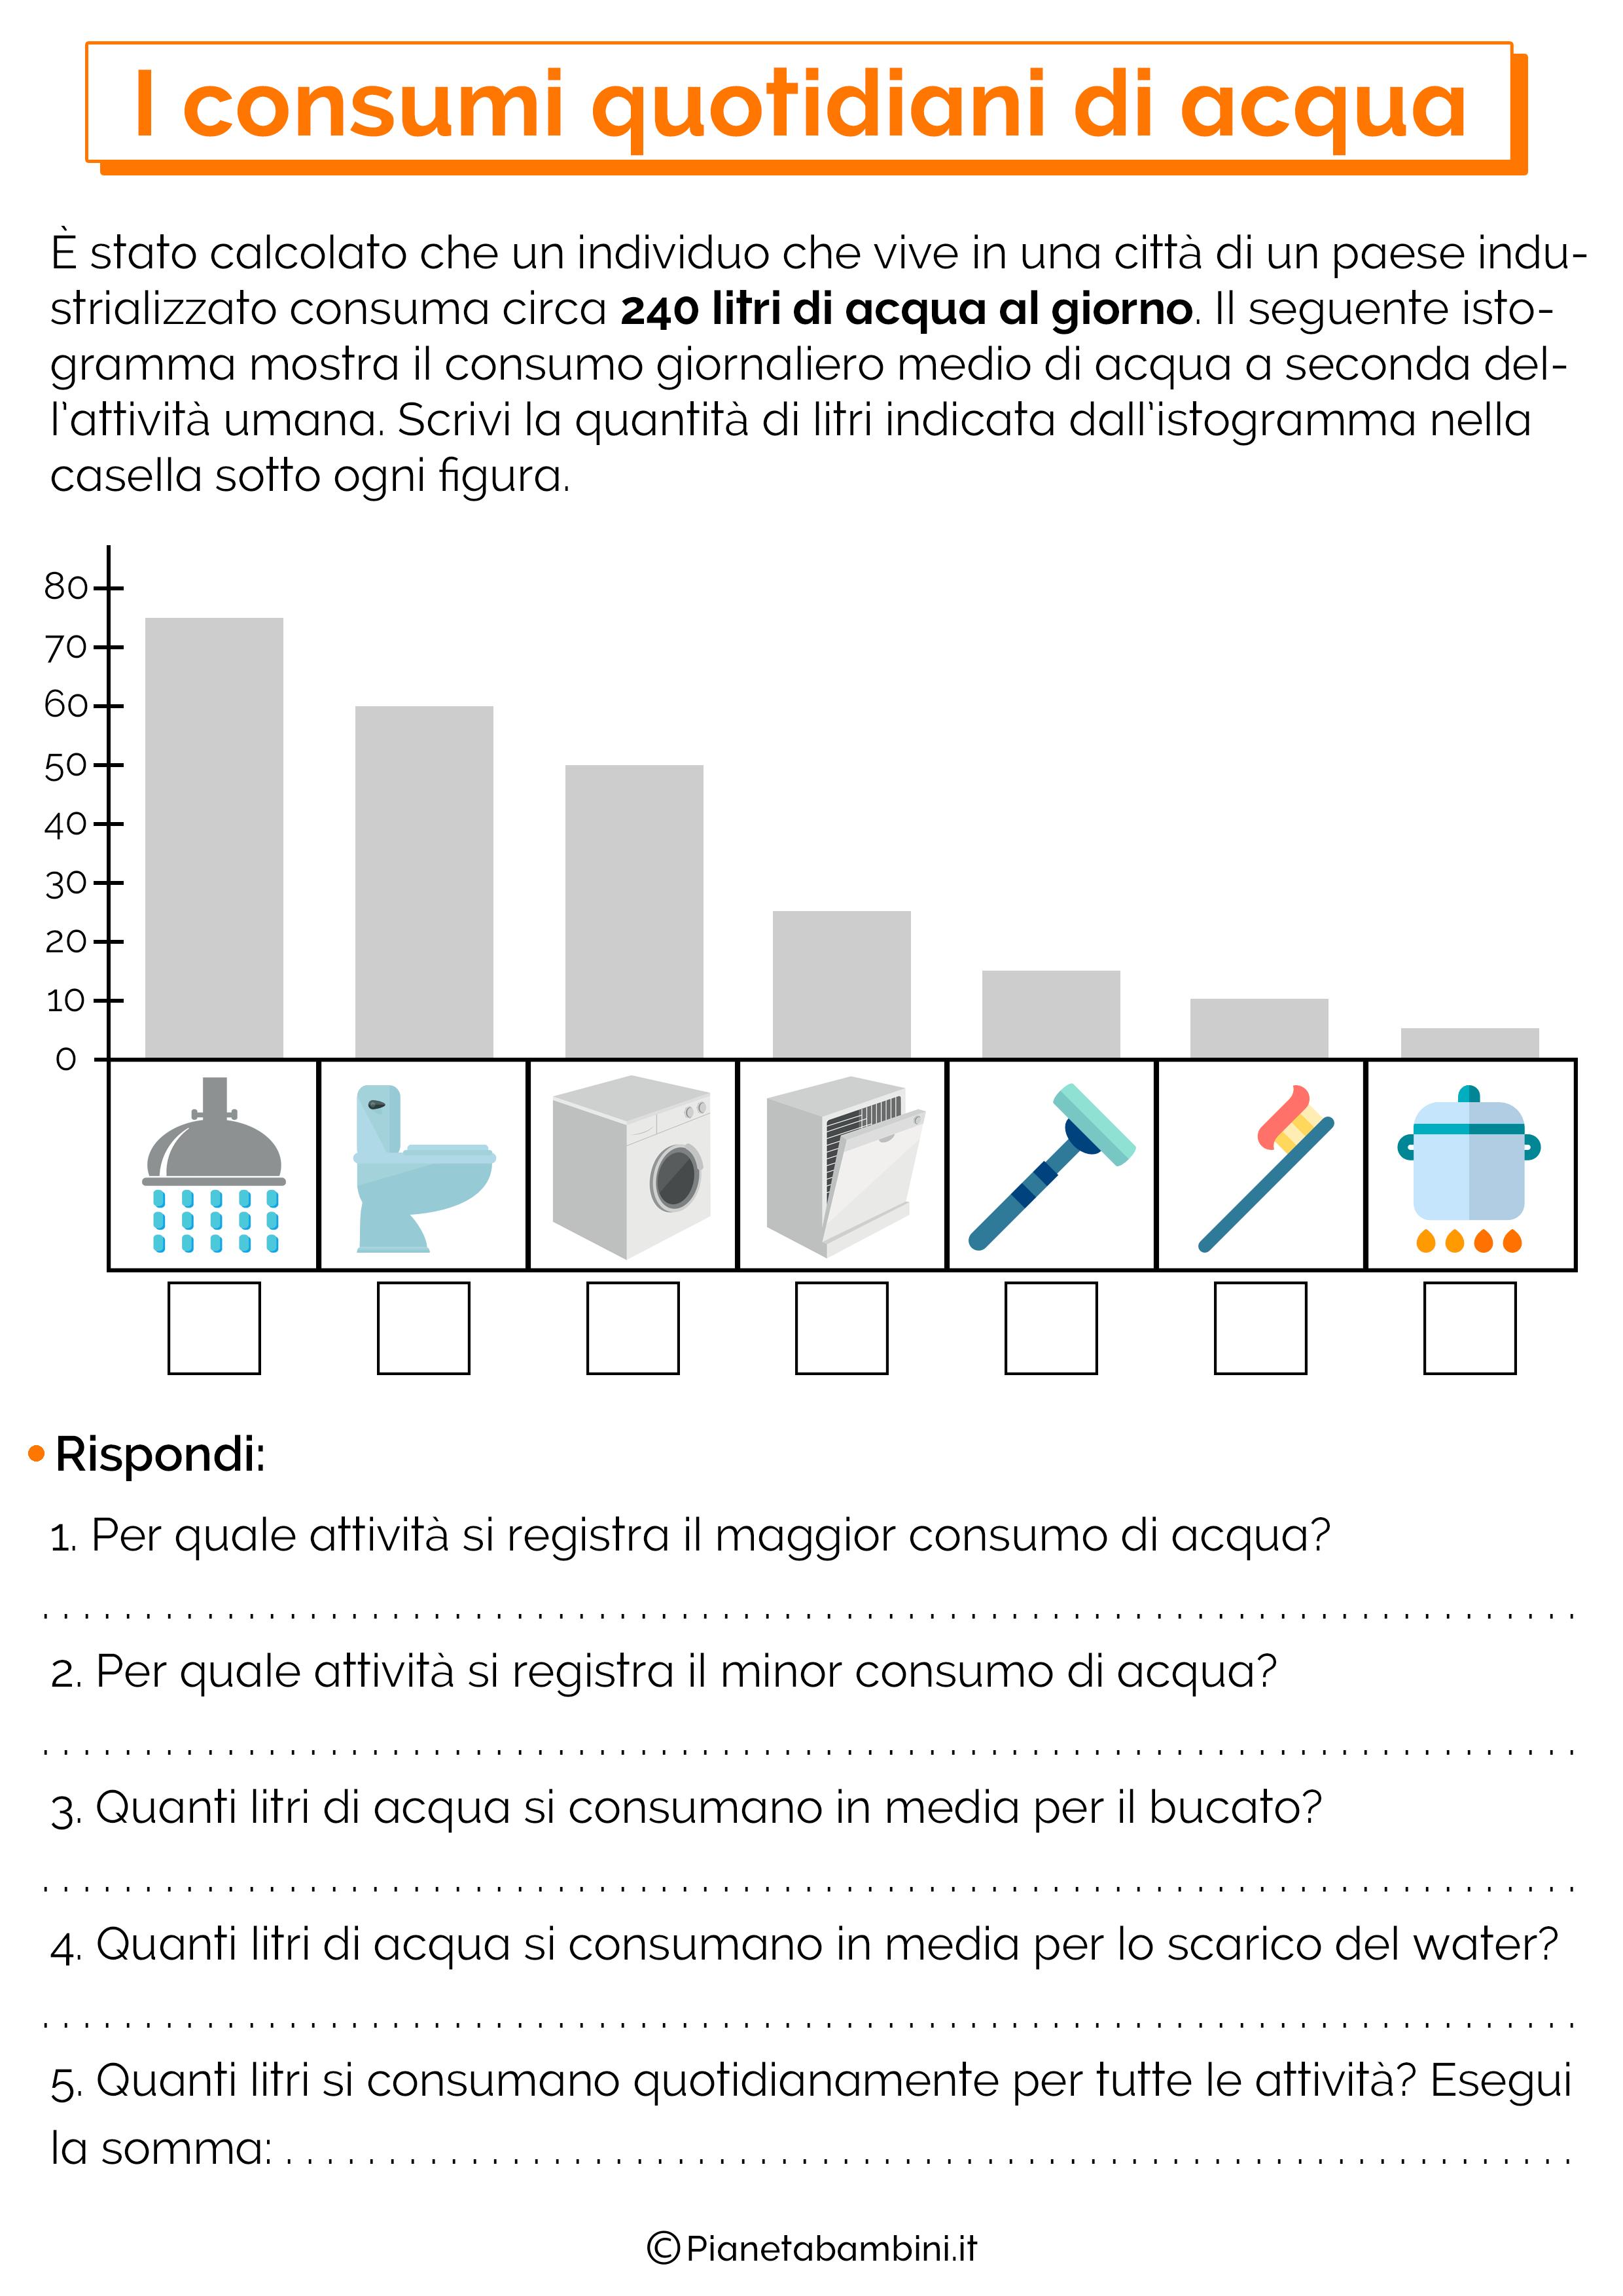 Esercizi sui consumi dell'acqua